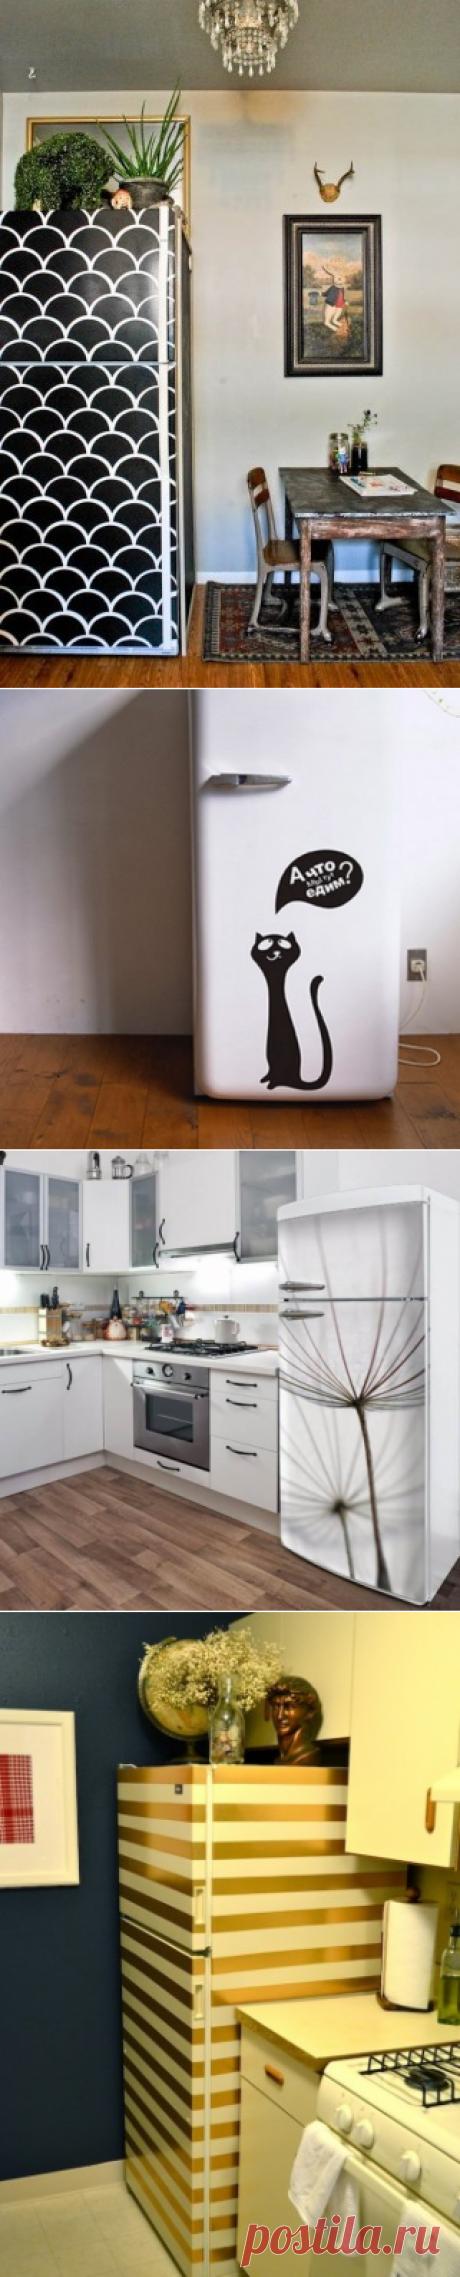 Украшаем холодильник: необычные и уютные кухни — Полезные советы